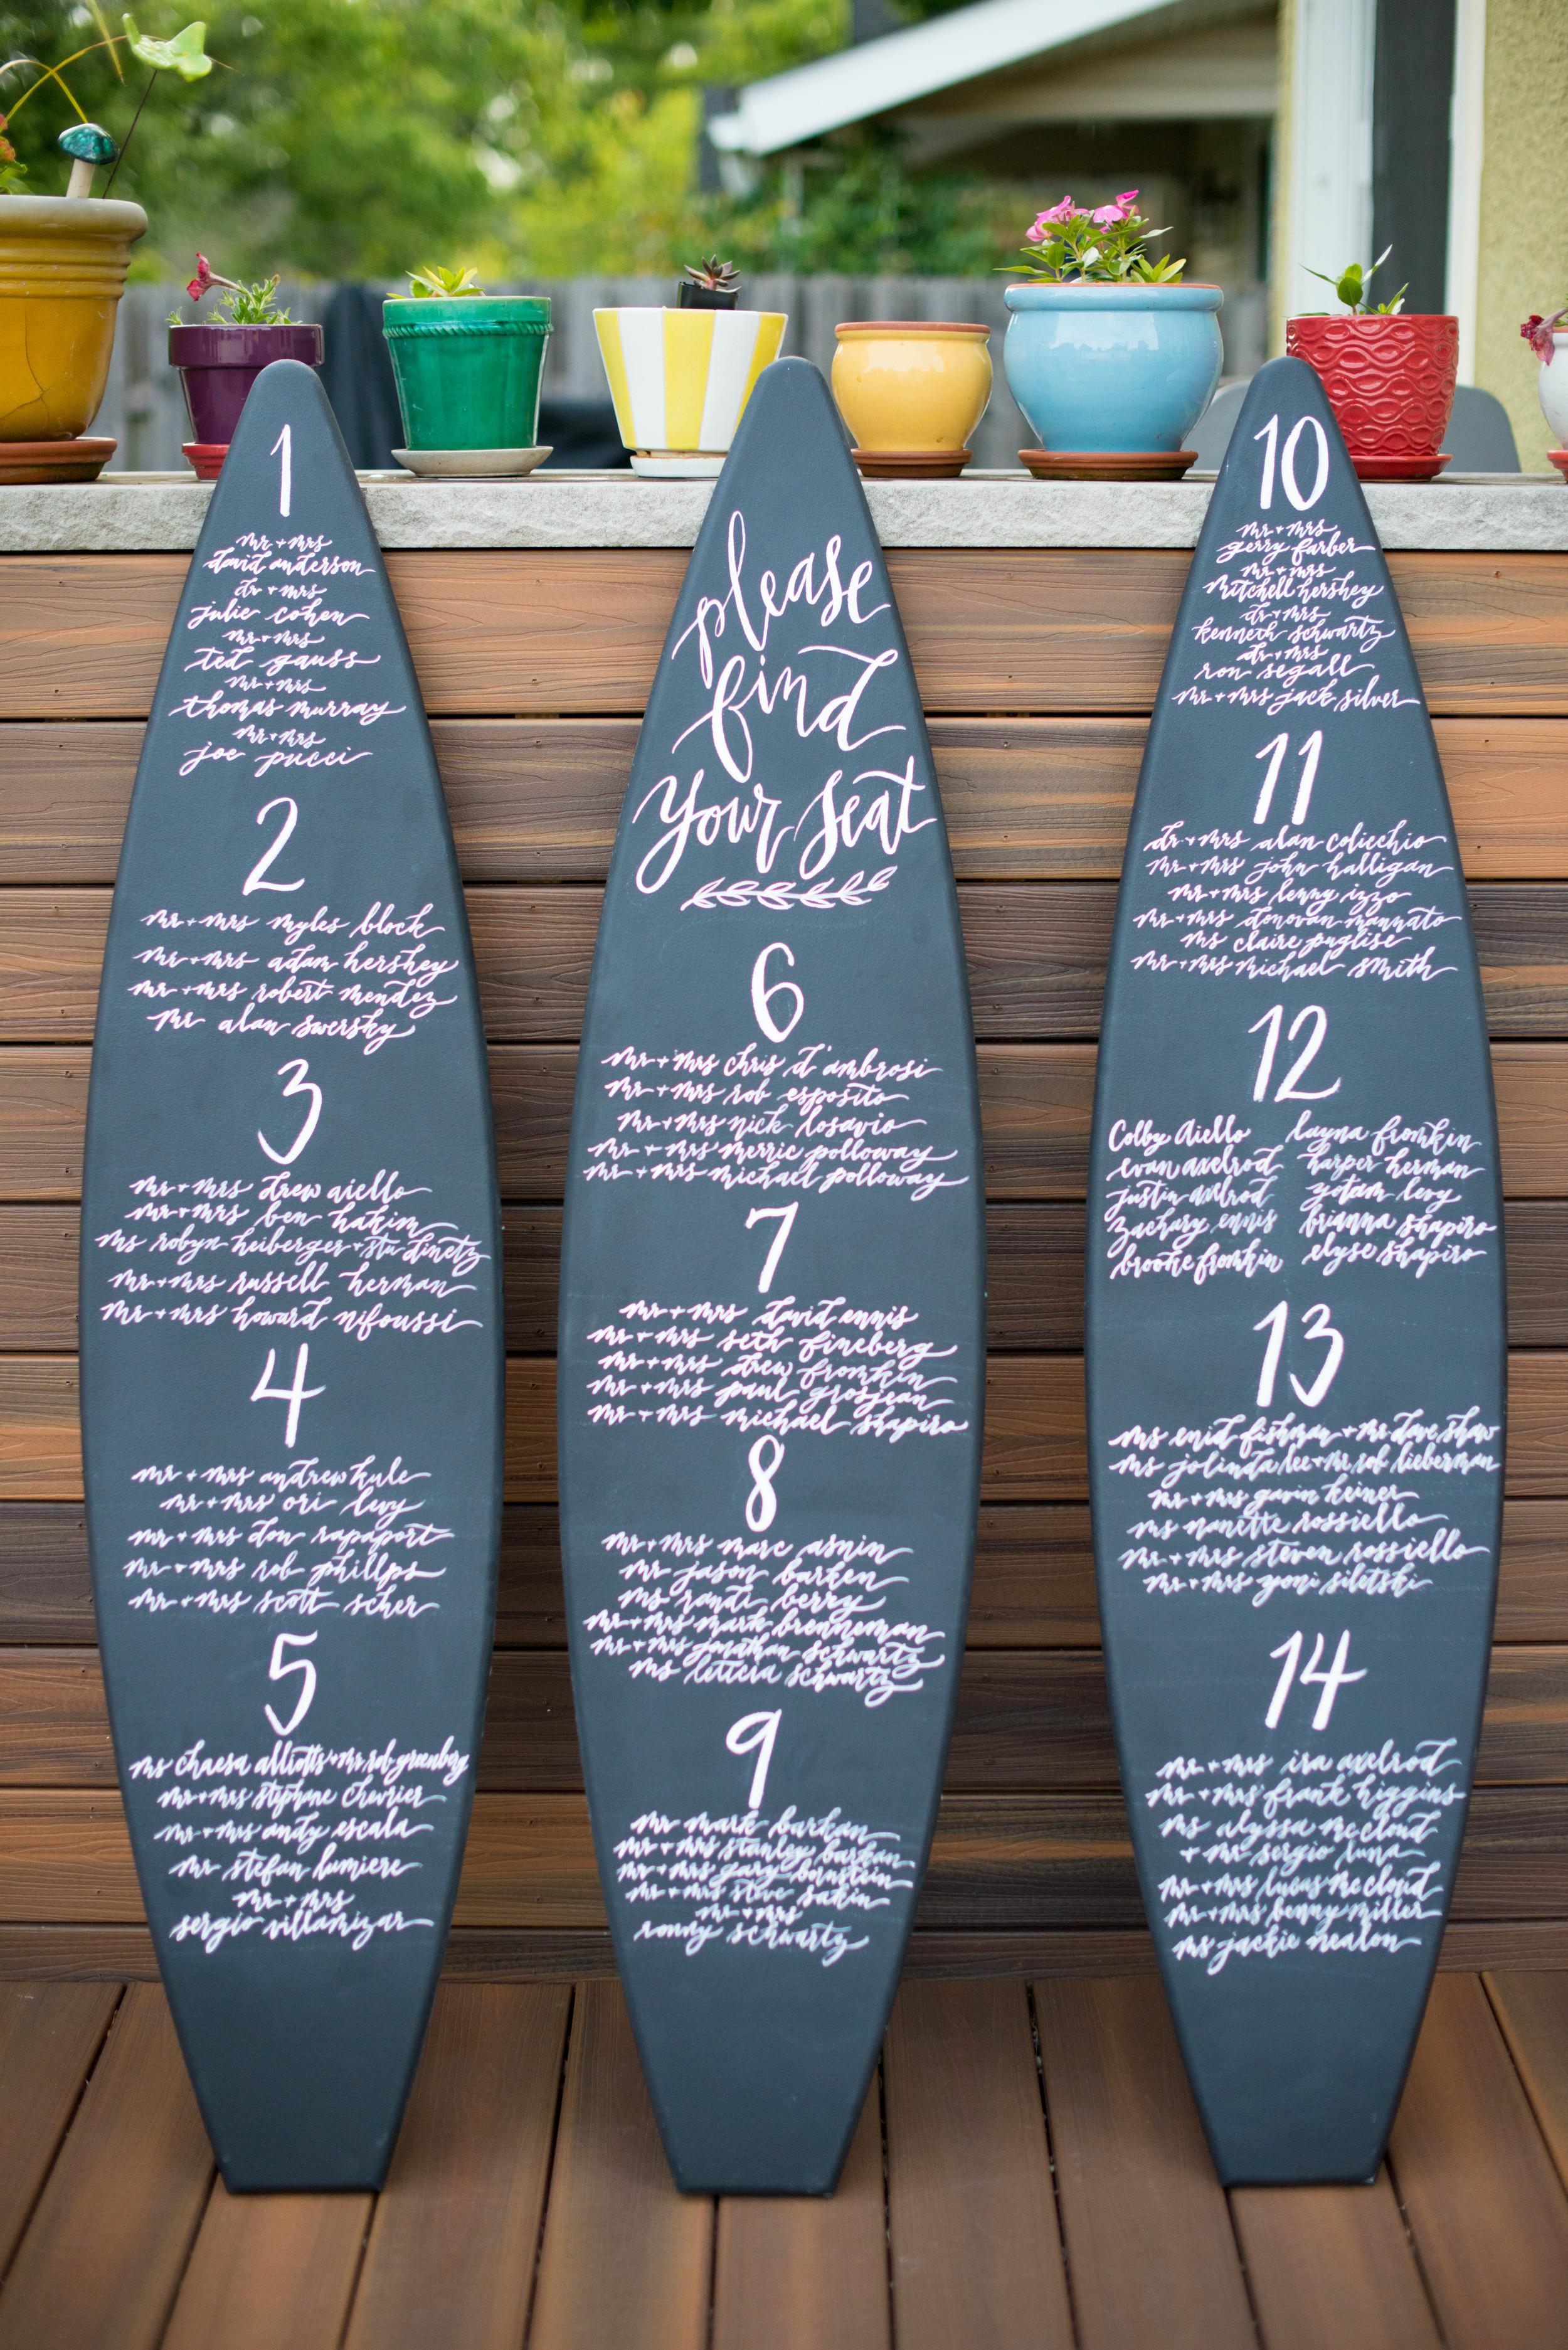 surfboardssmall.jpg